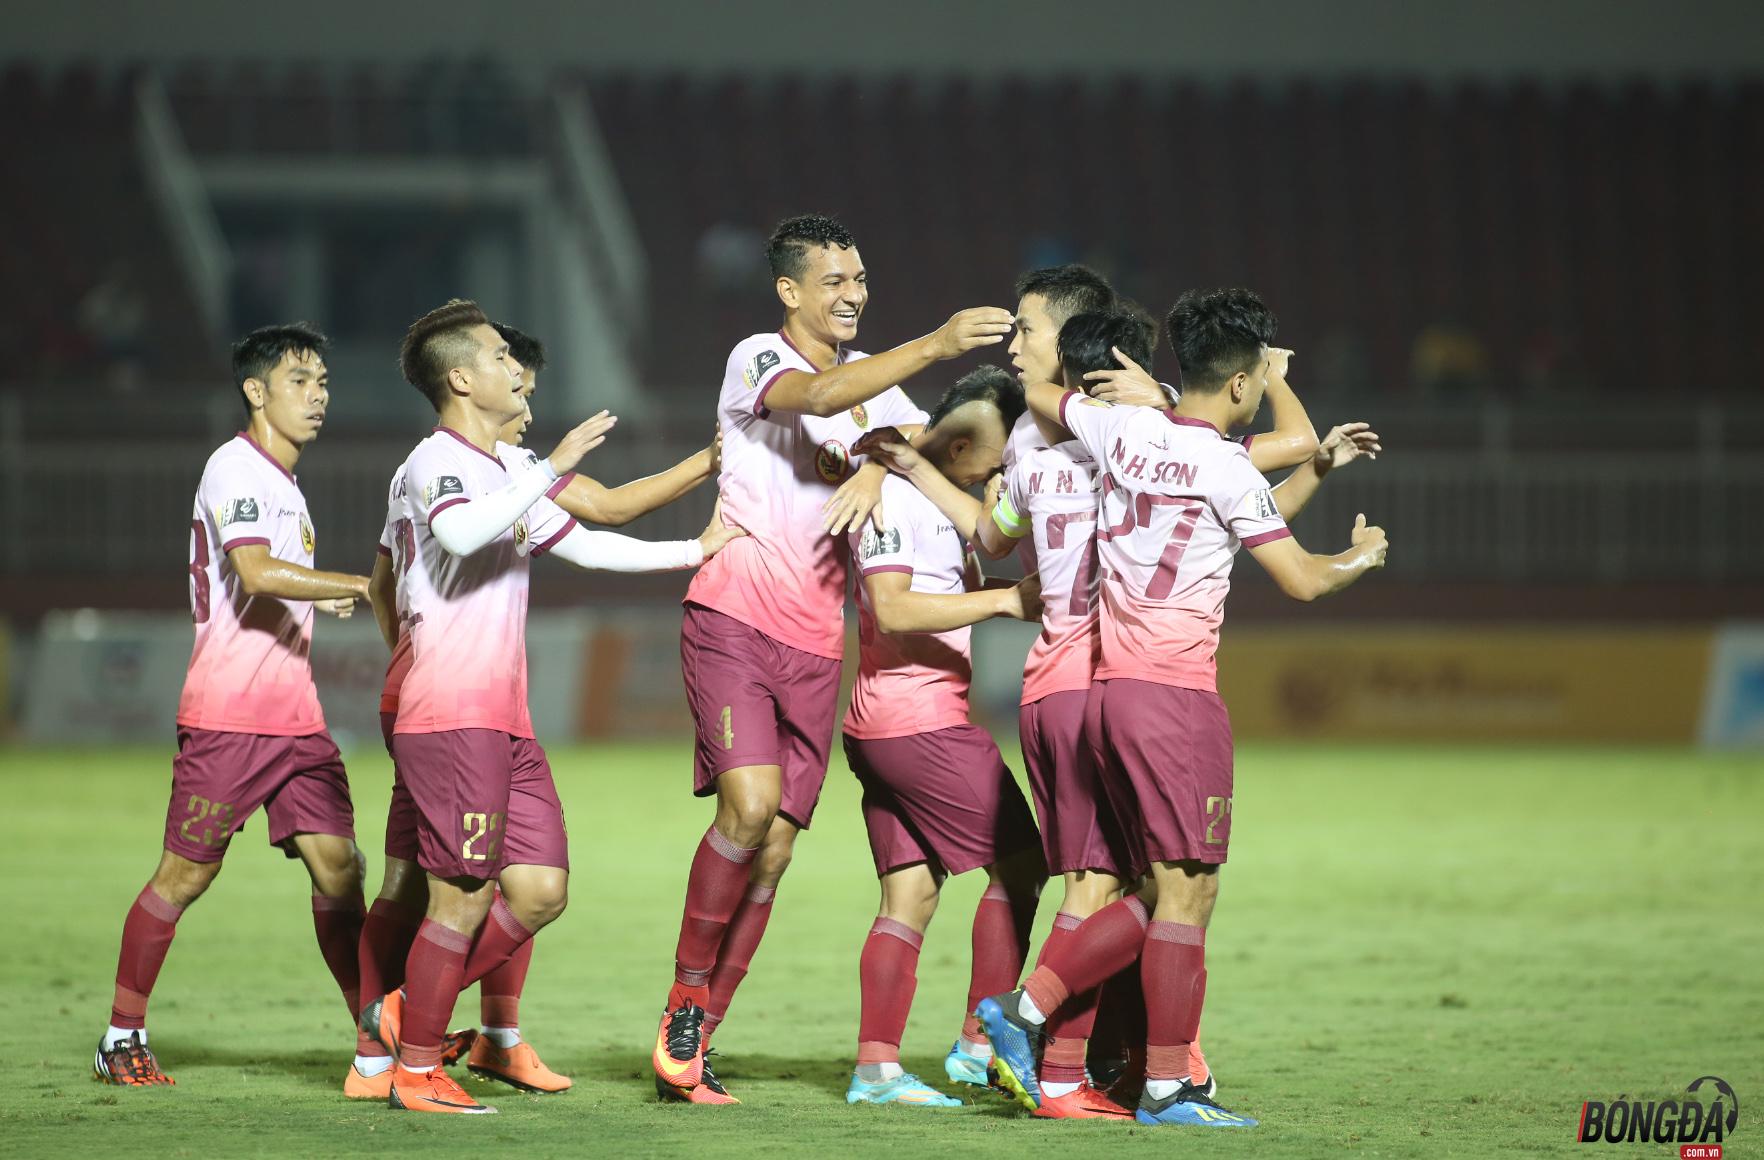 Sài Gòn FC vào Top 3 V-League, HLV Thành Công nói điều đặc biệt - Bóng Đá